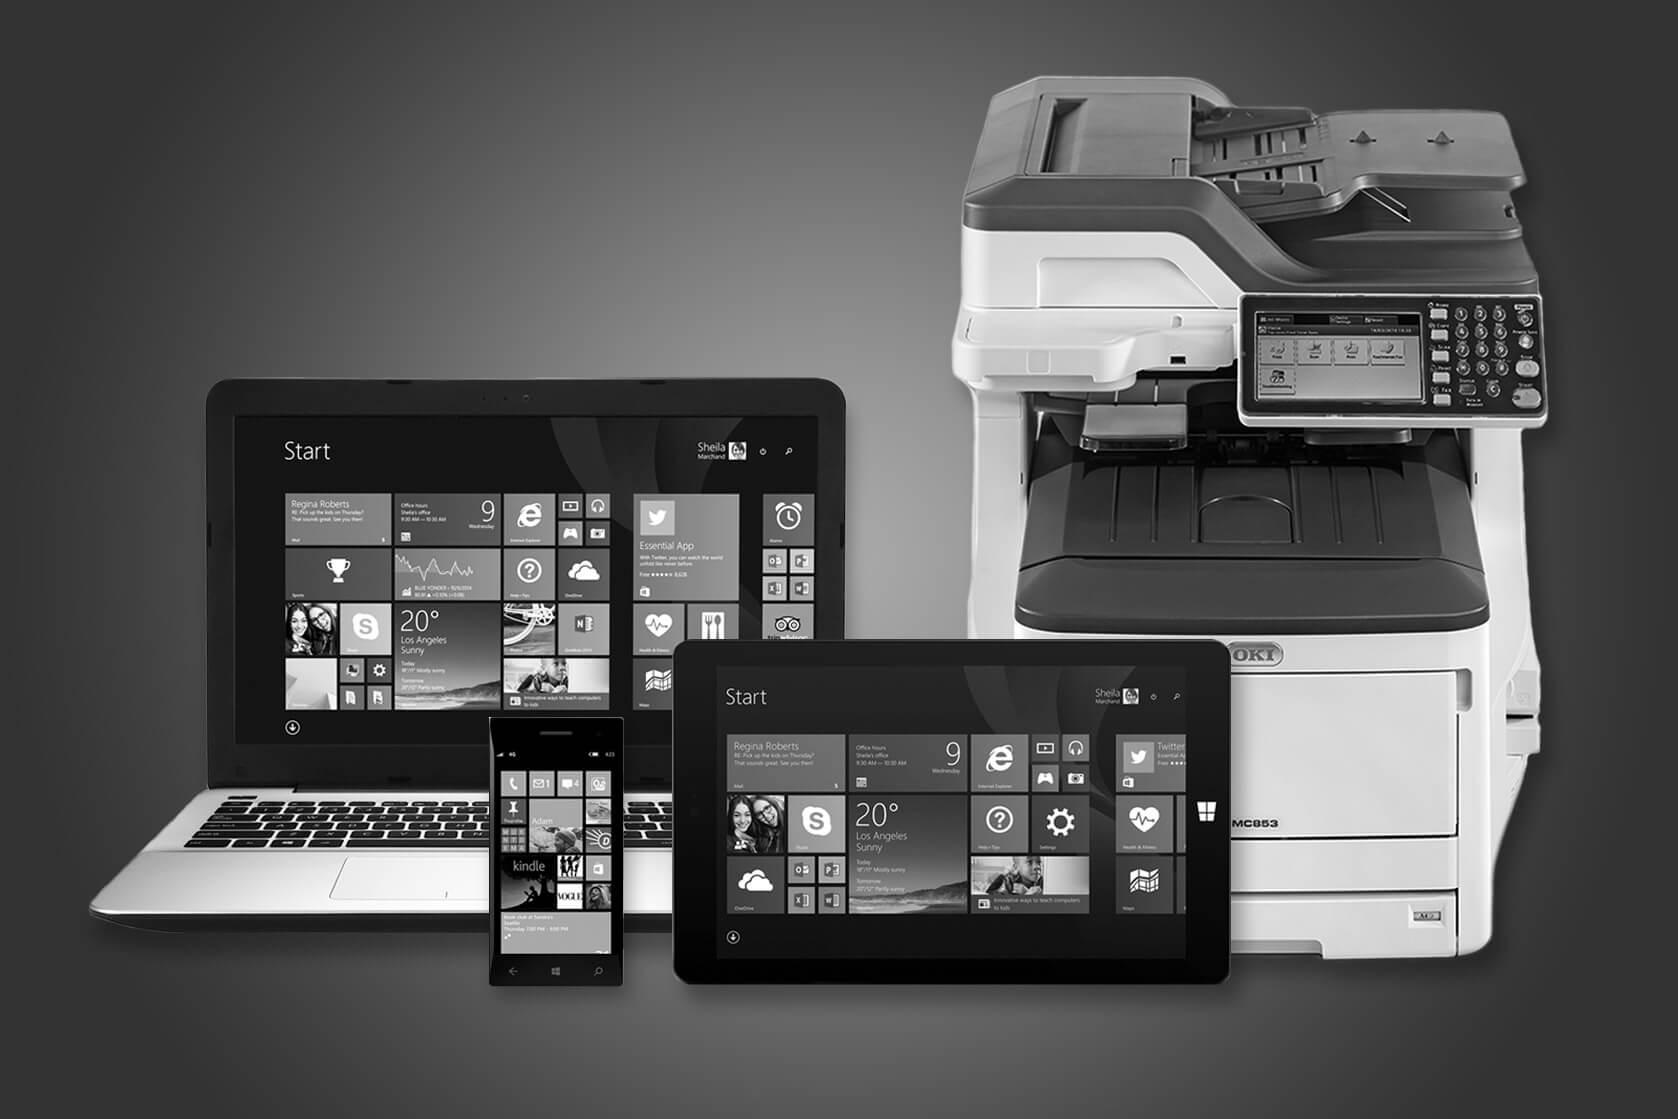 Afbeelding Devices en Printing